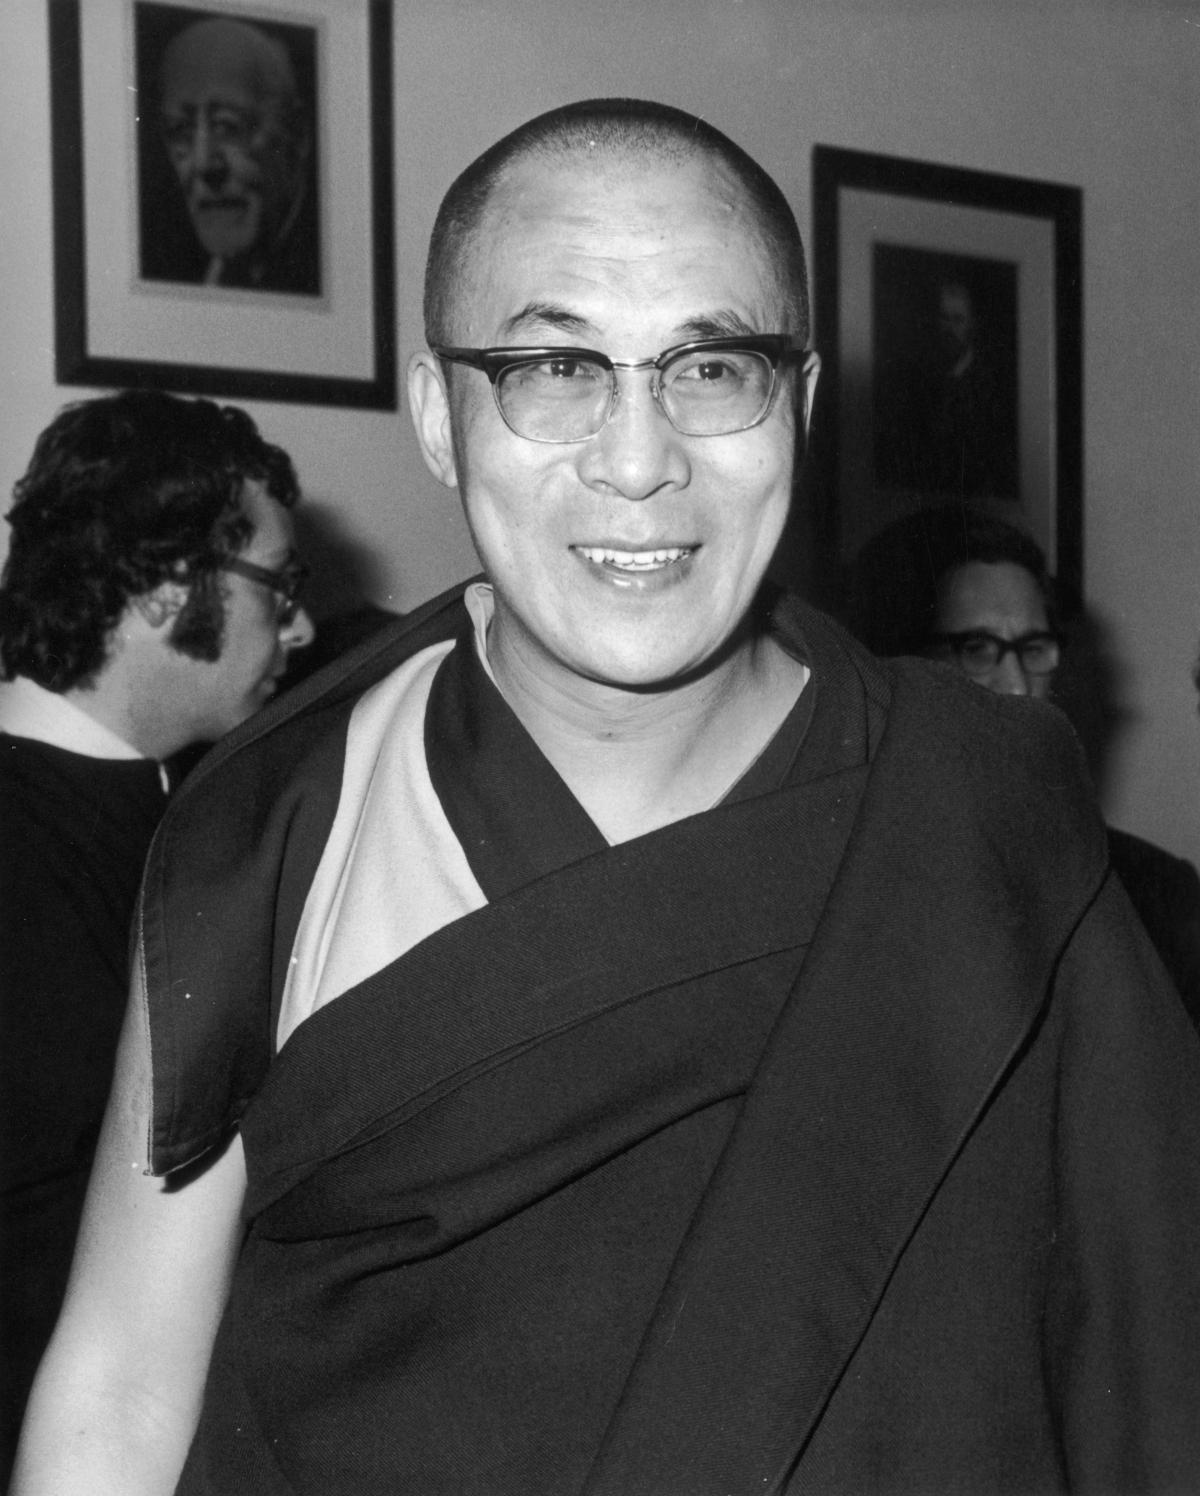 Dalai Lama in 1973